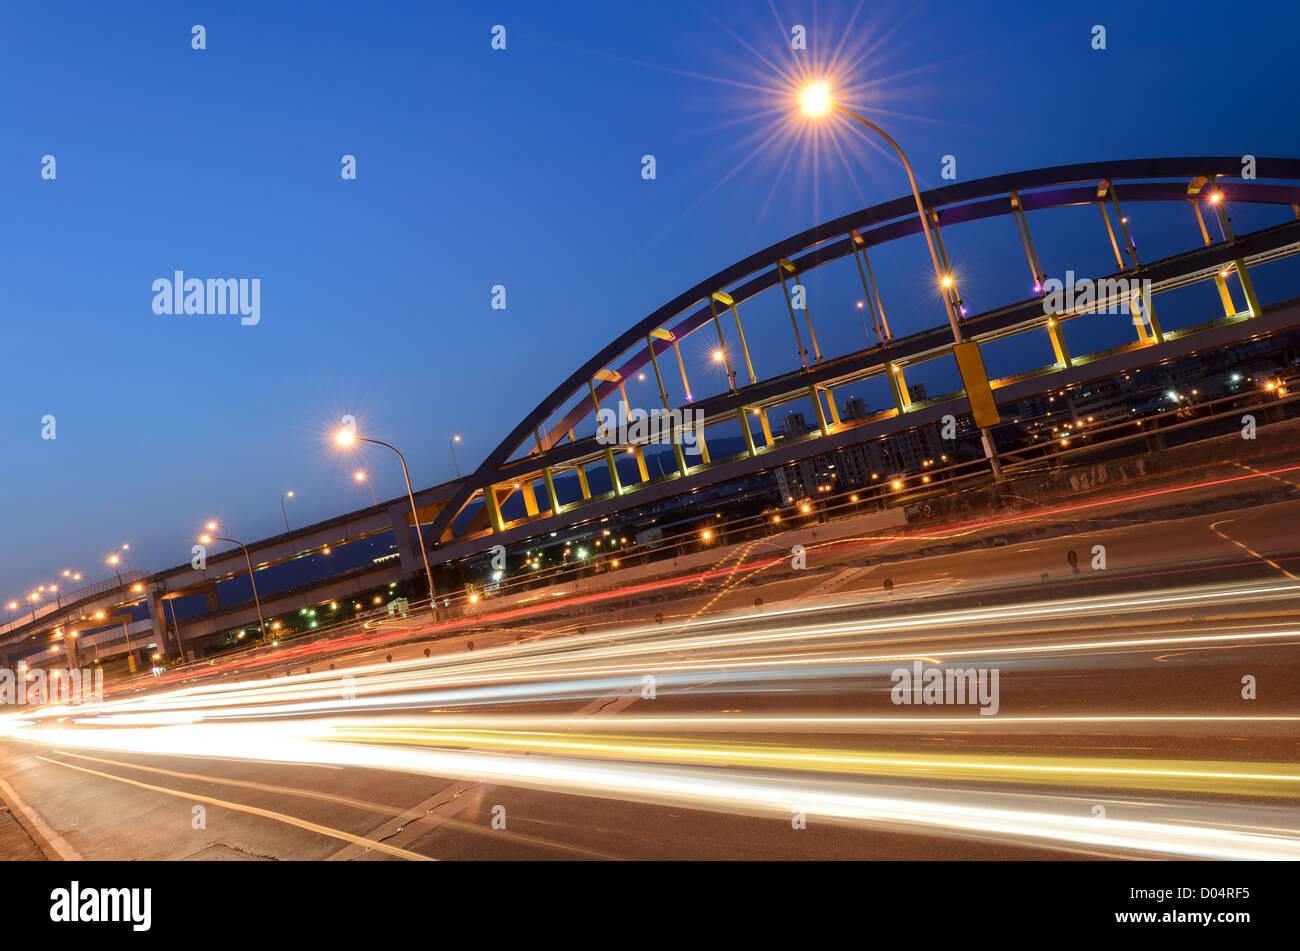 Stadtverkehr Landschaft mit abstrakten Autos Licht in der Nacht in Modem Stadt. Stockbild